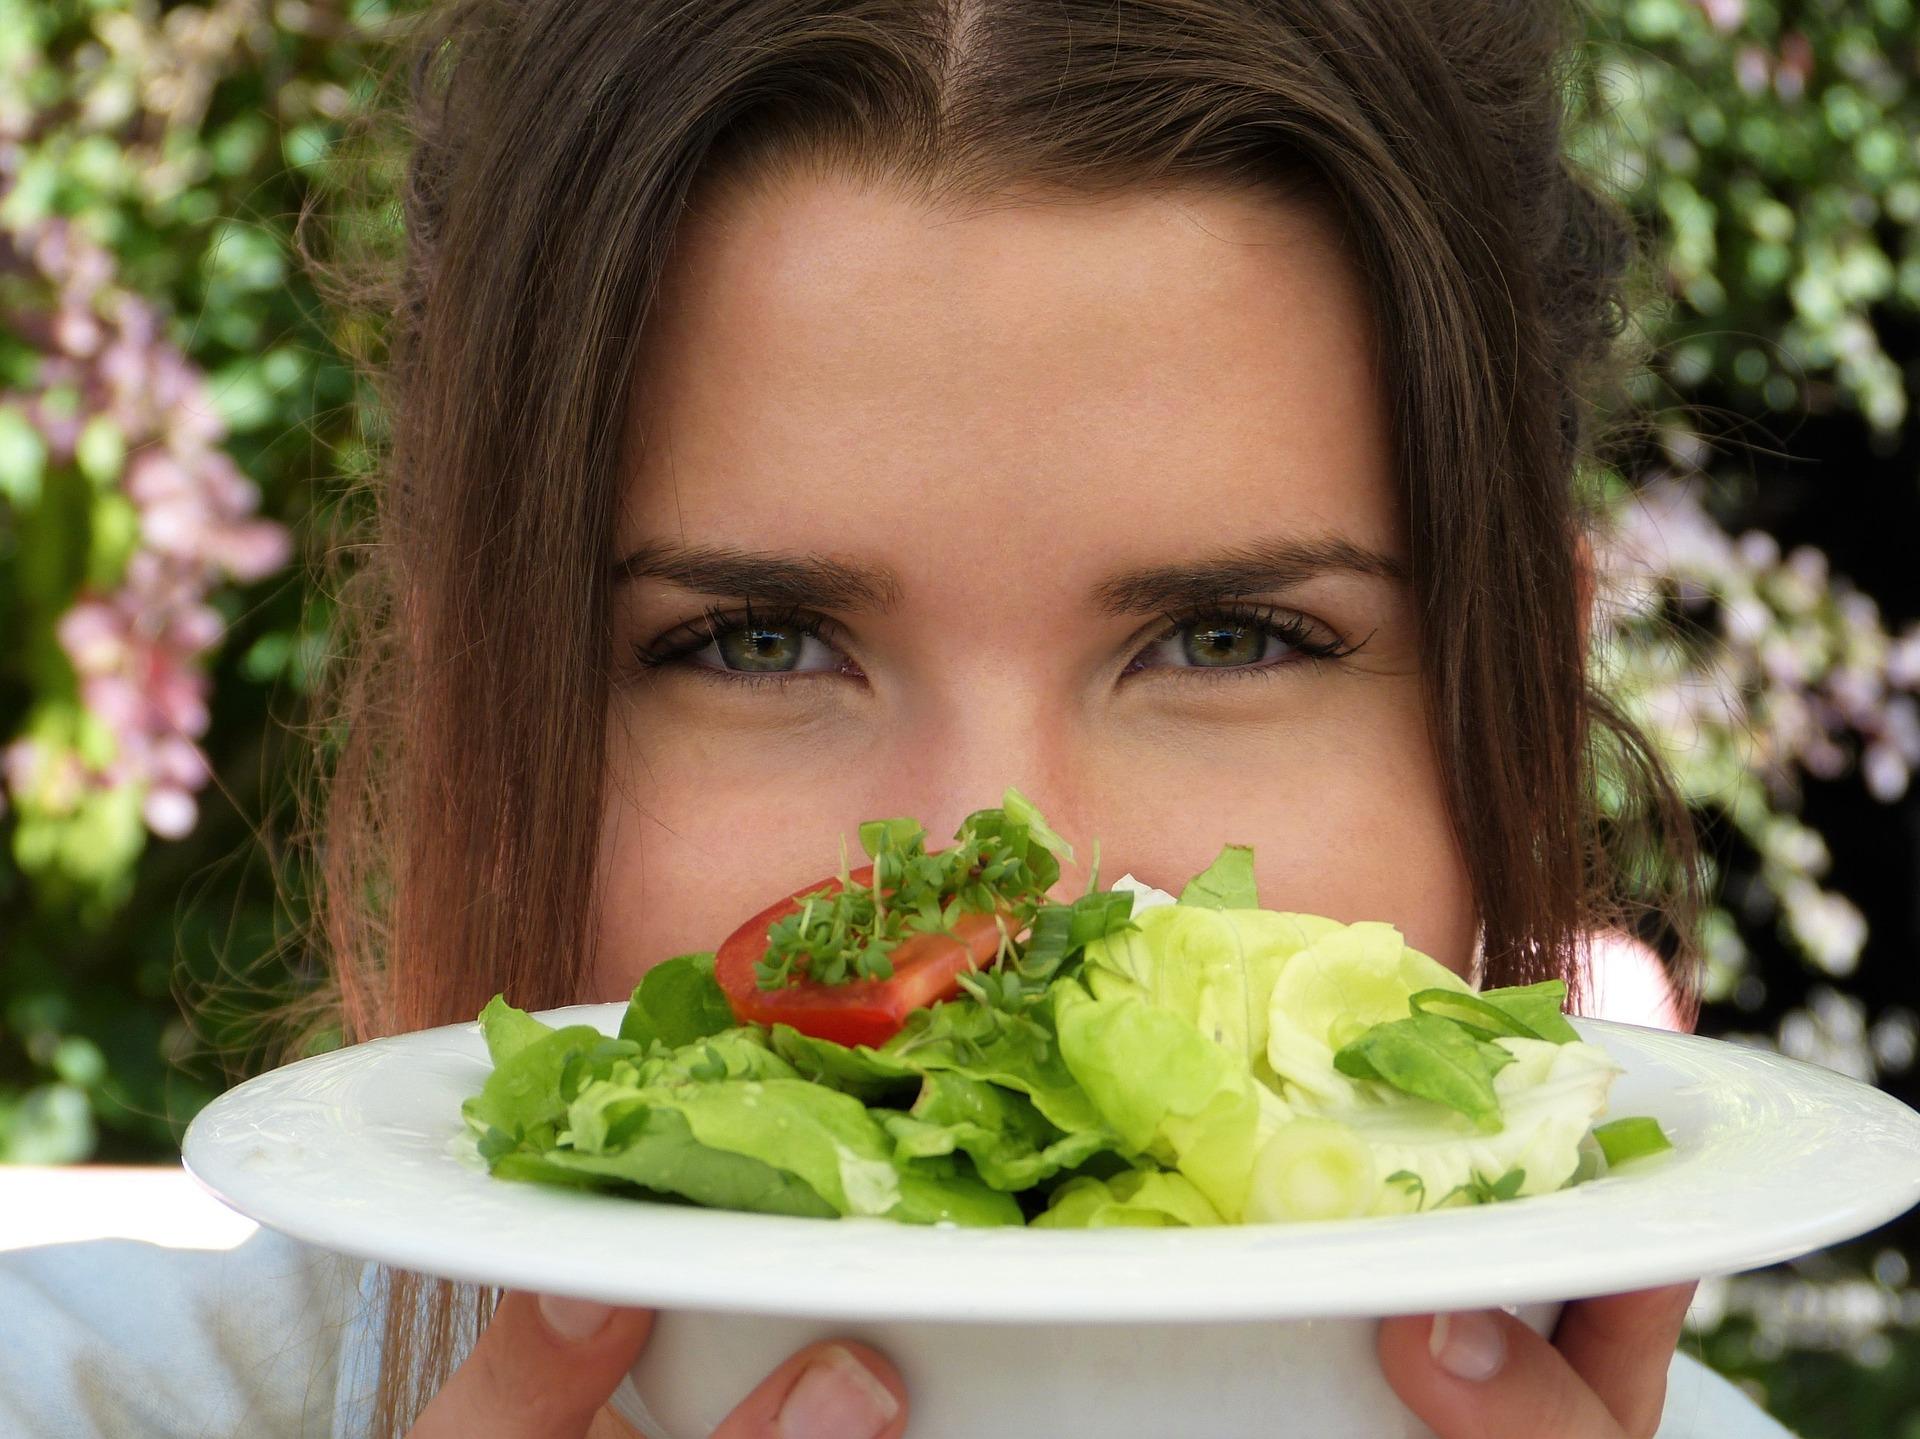 Лучшие службы доставки здоровой еды для похудения в Новосибирске на 2020 год